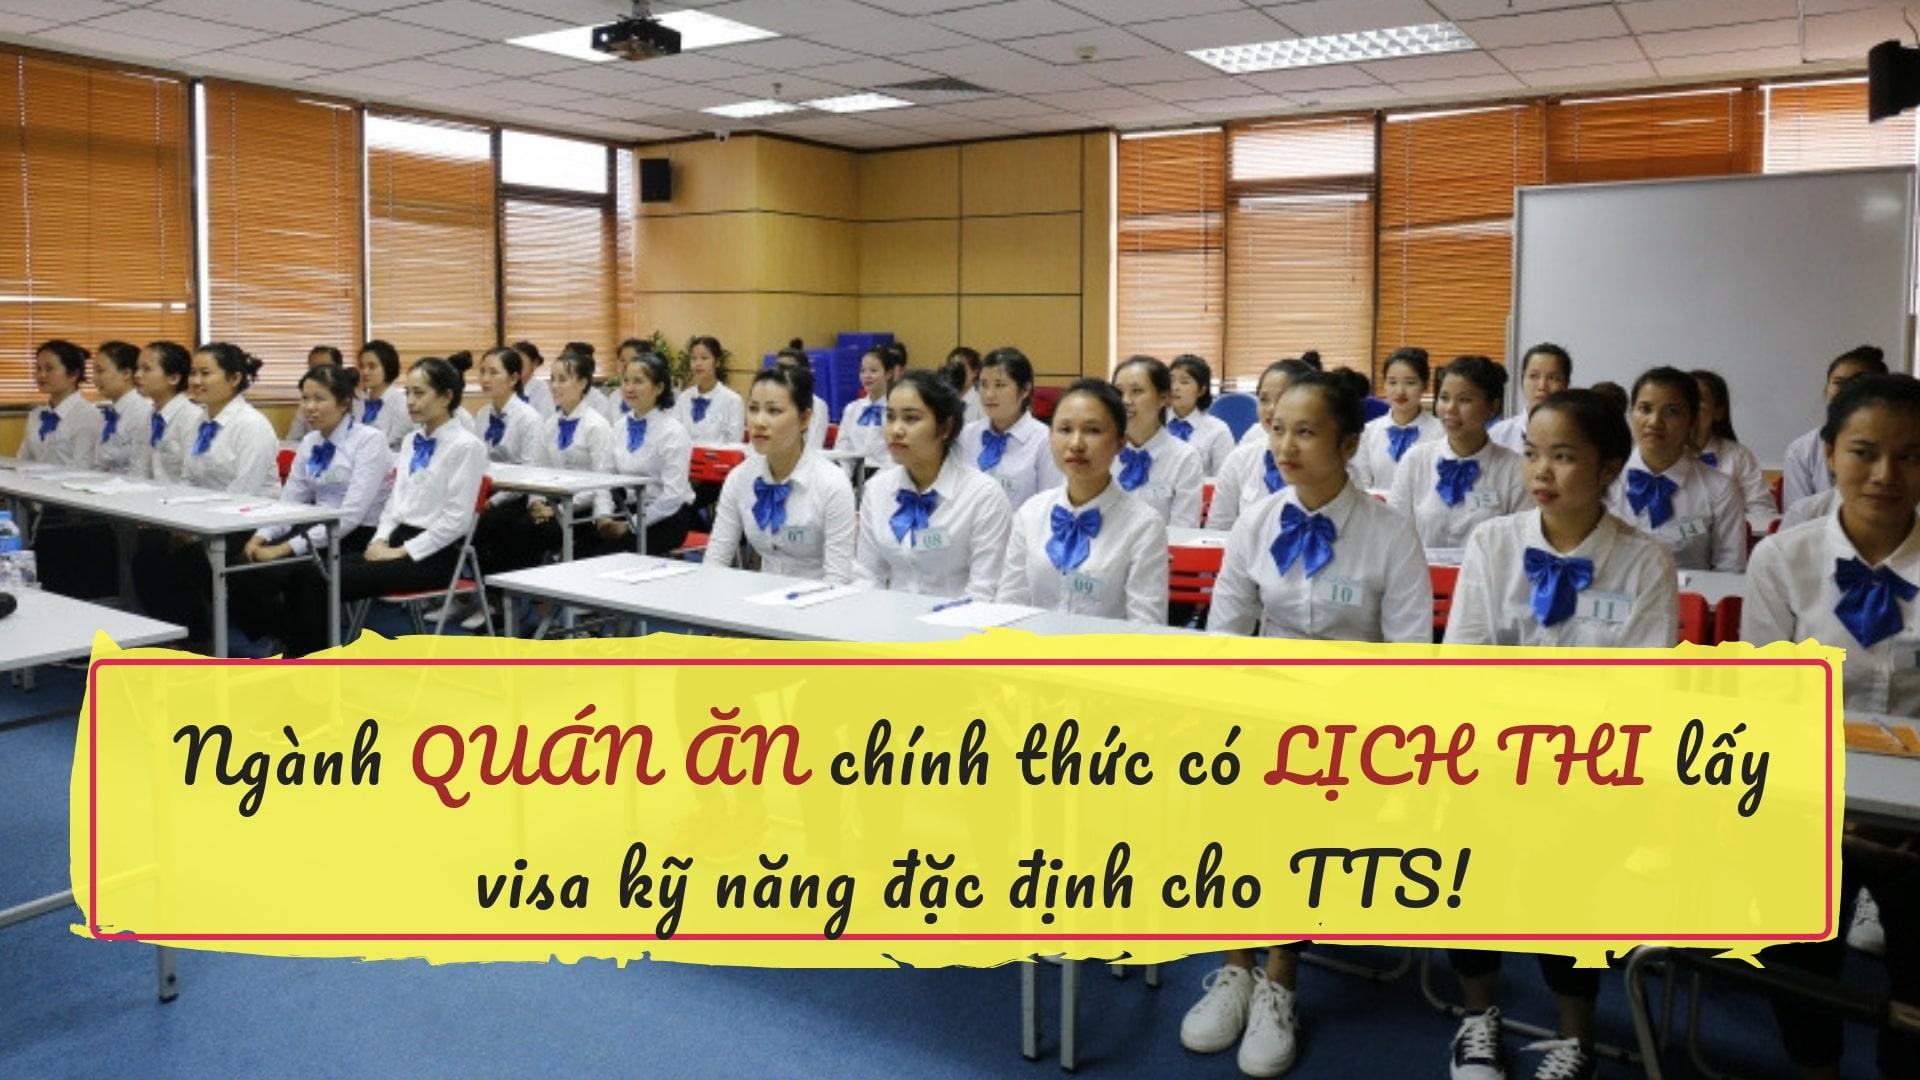 Ngành quán ăn CHÍNH THỨC có lịch thi lấy visa kỹ năng đặc định cho TTS!